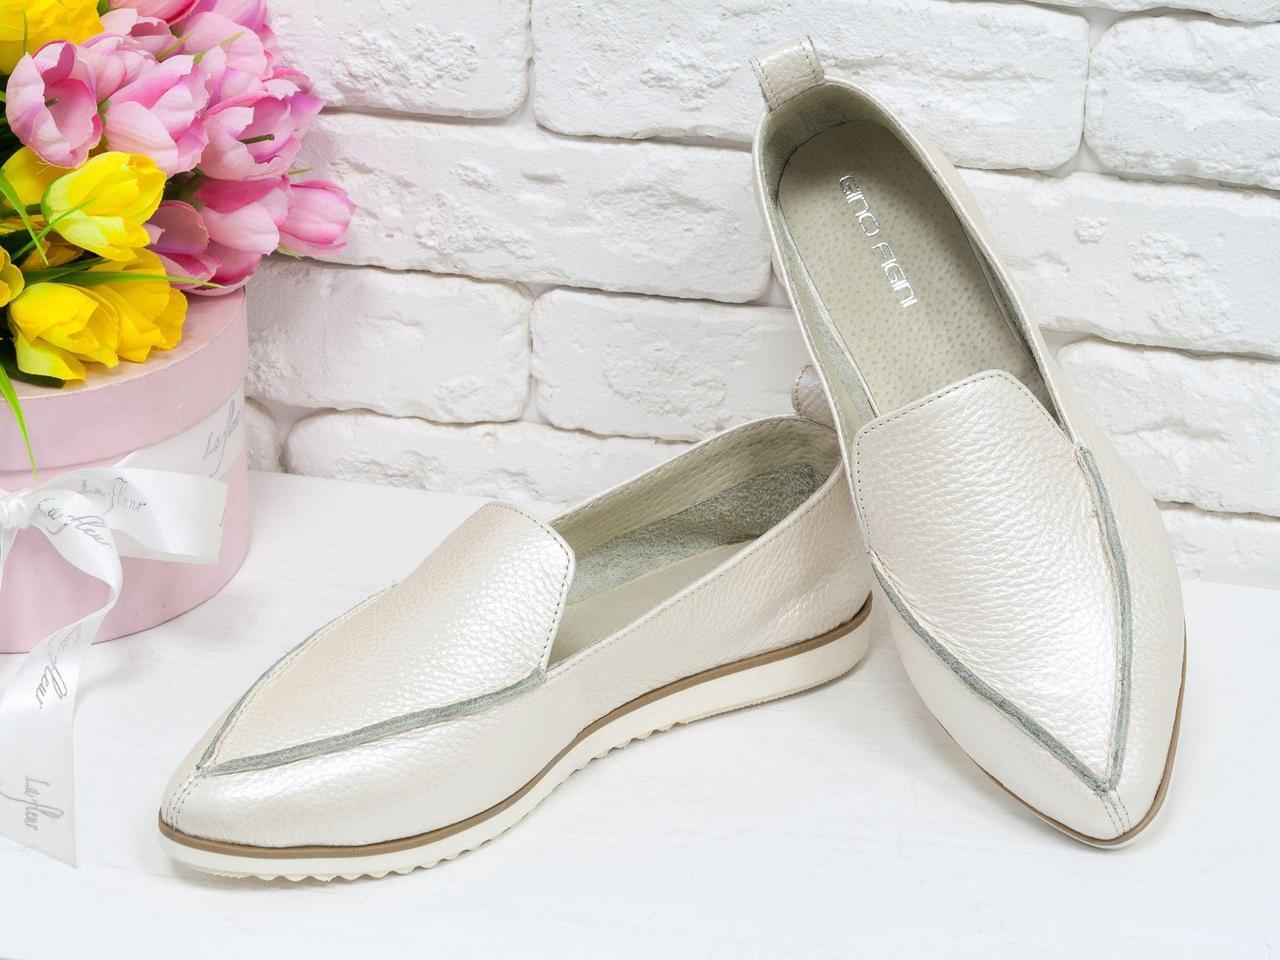 Облегченные туфли из натуральной кожи светло бежевого цвета  с перламутровым переливом,  Т-1707-14